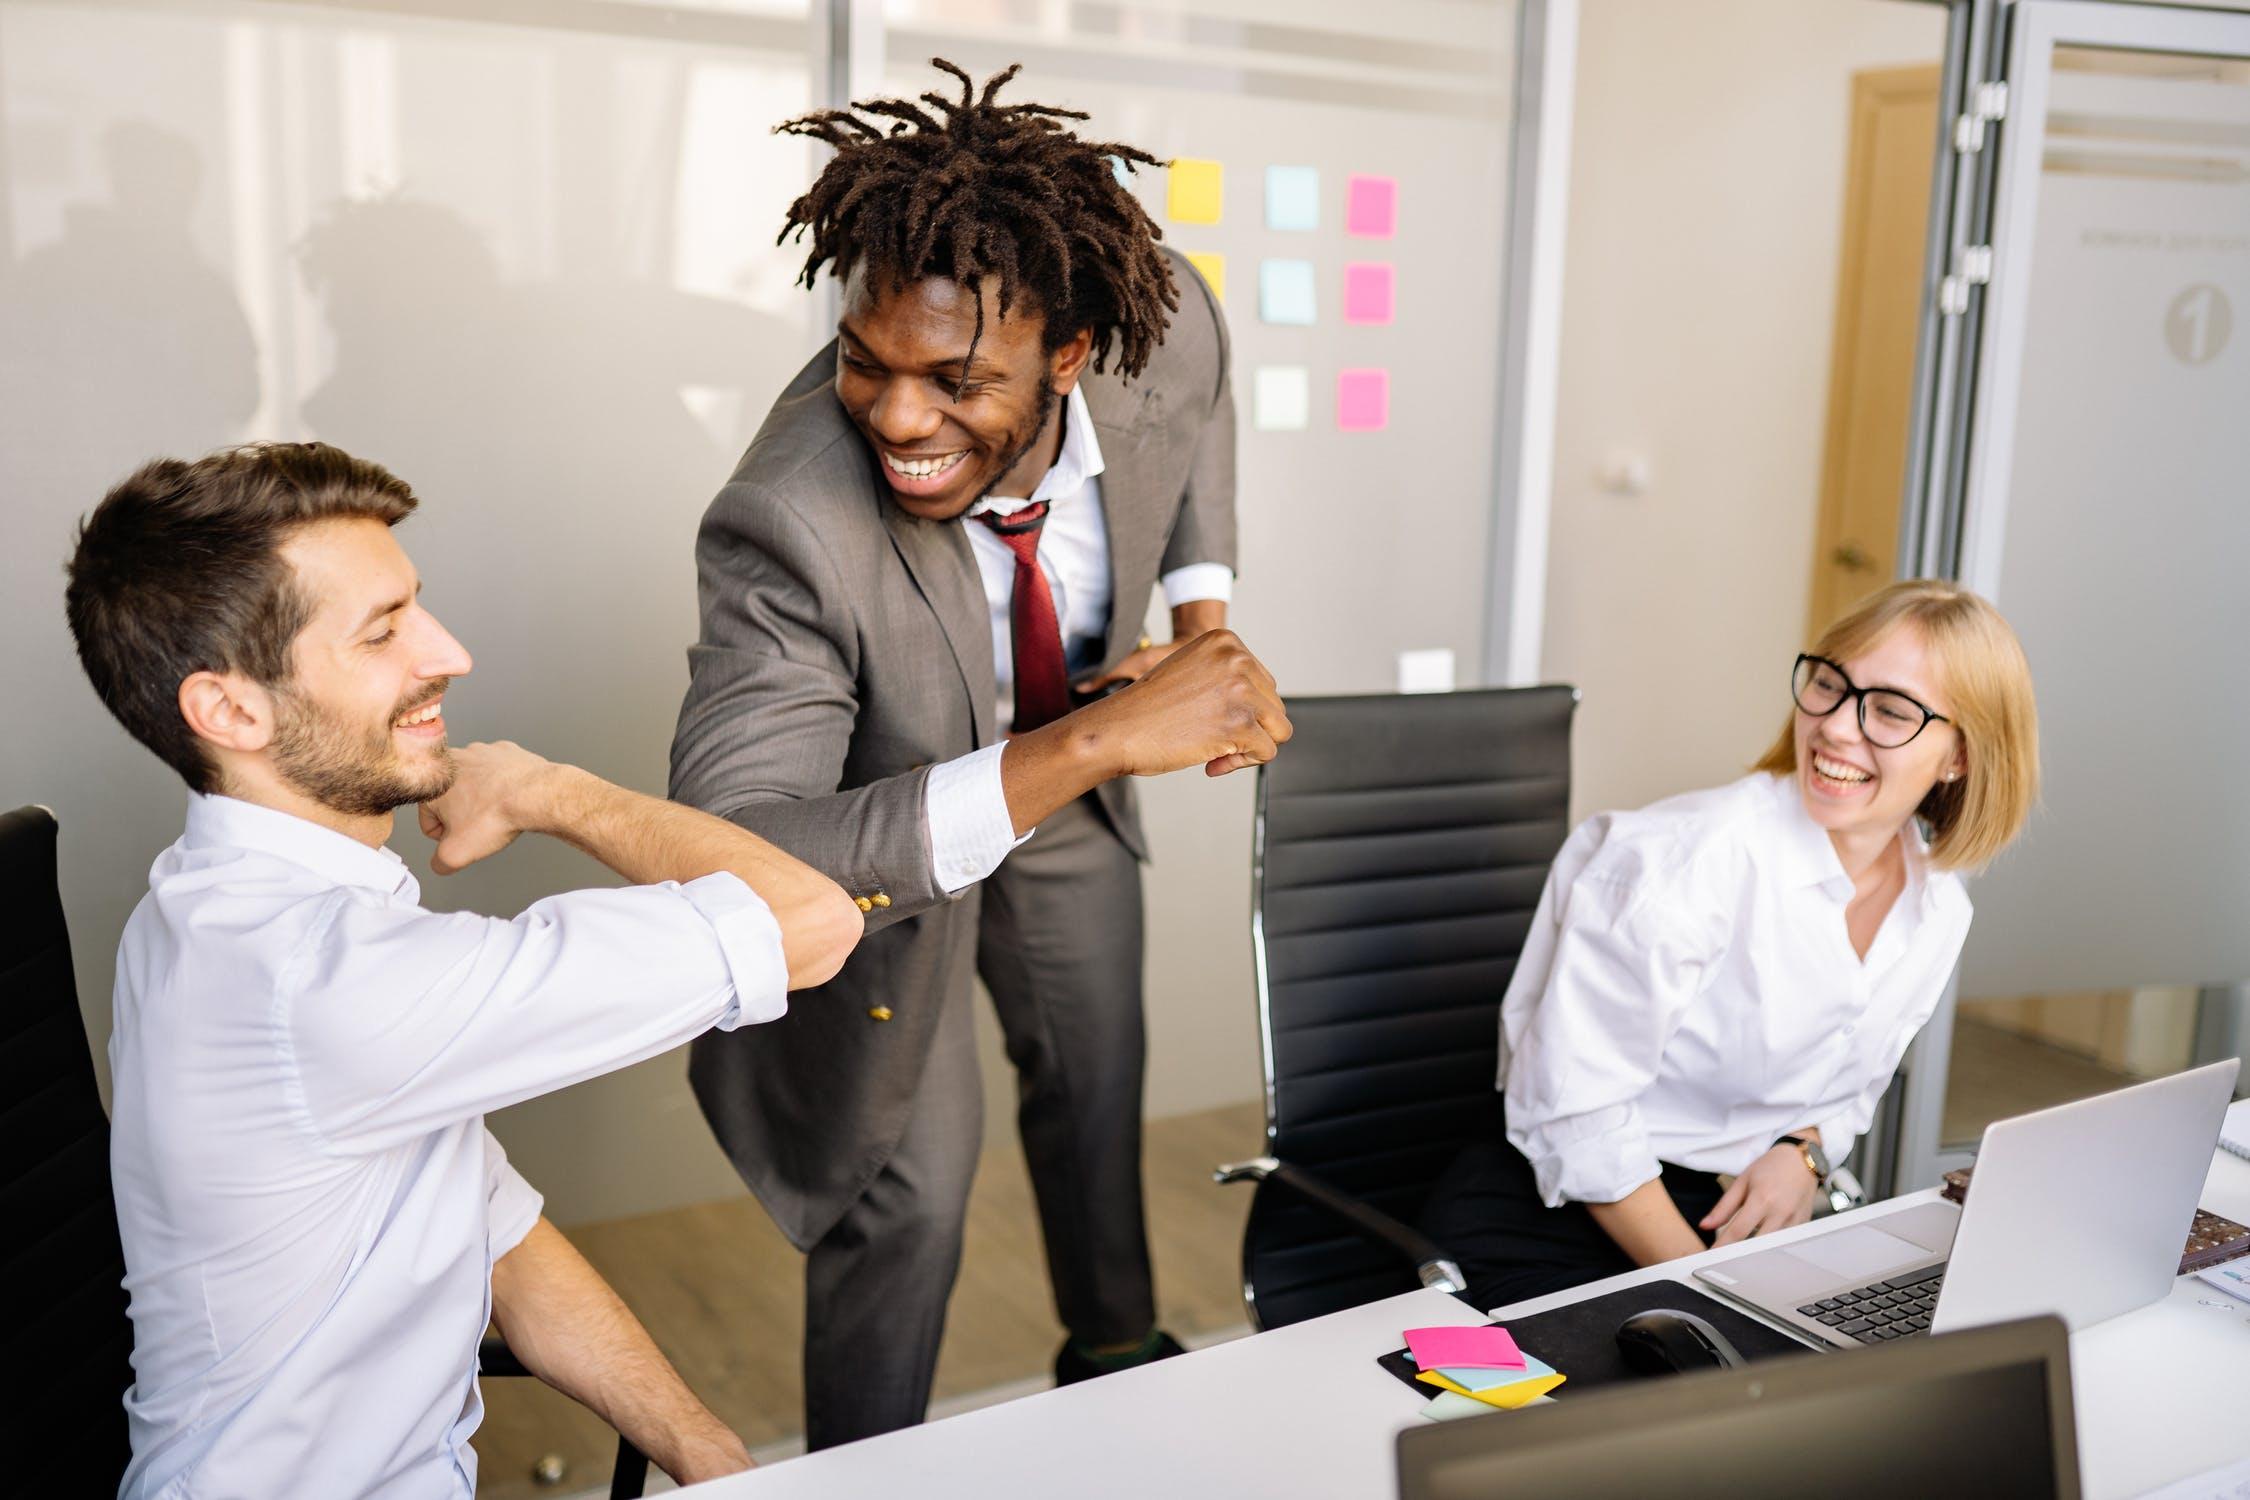 Met welke leidinggevende werk jij graag?